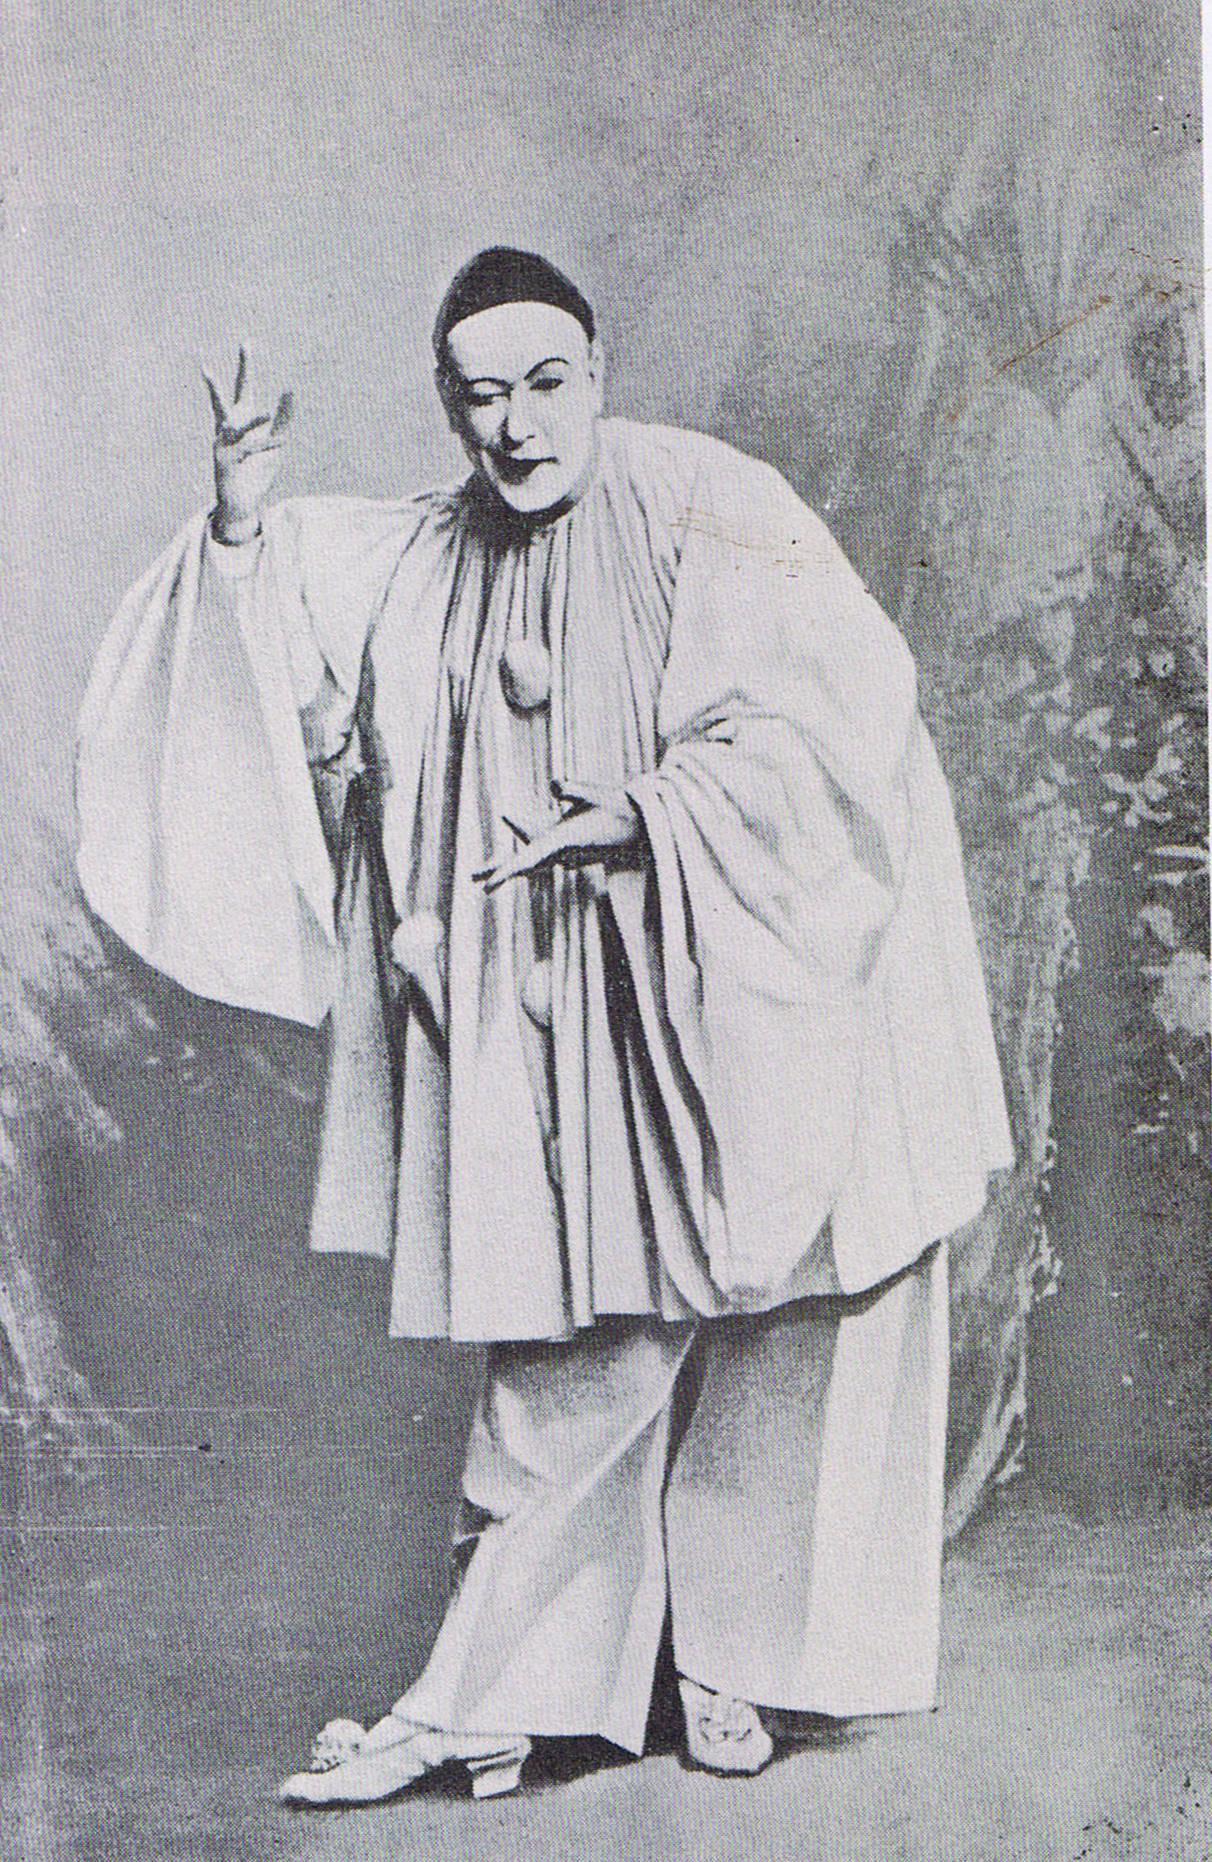 File:Severin as Pierrot, c. 1896.jpg - Wikimedia Commons